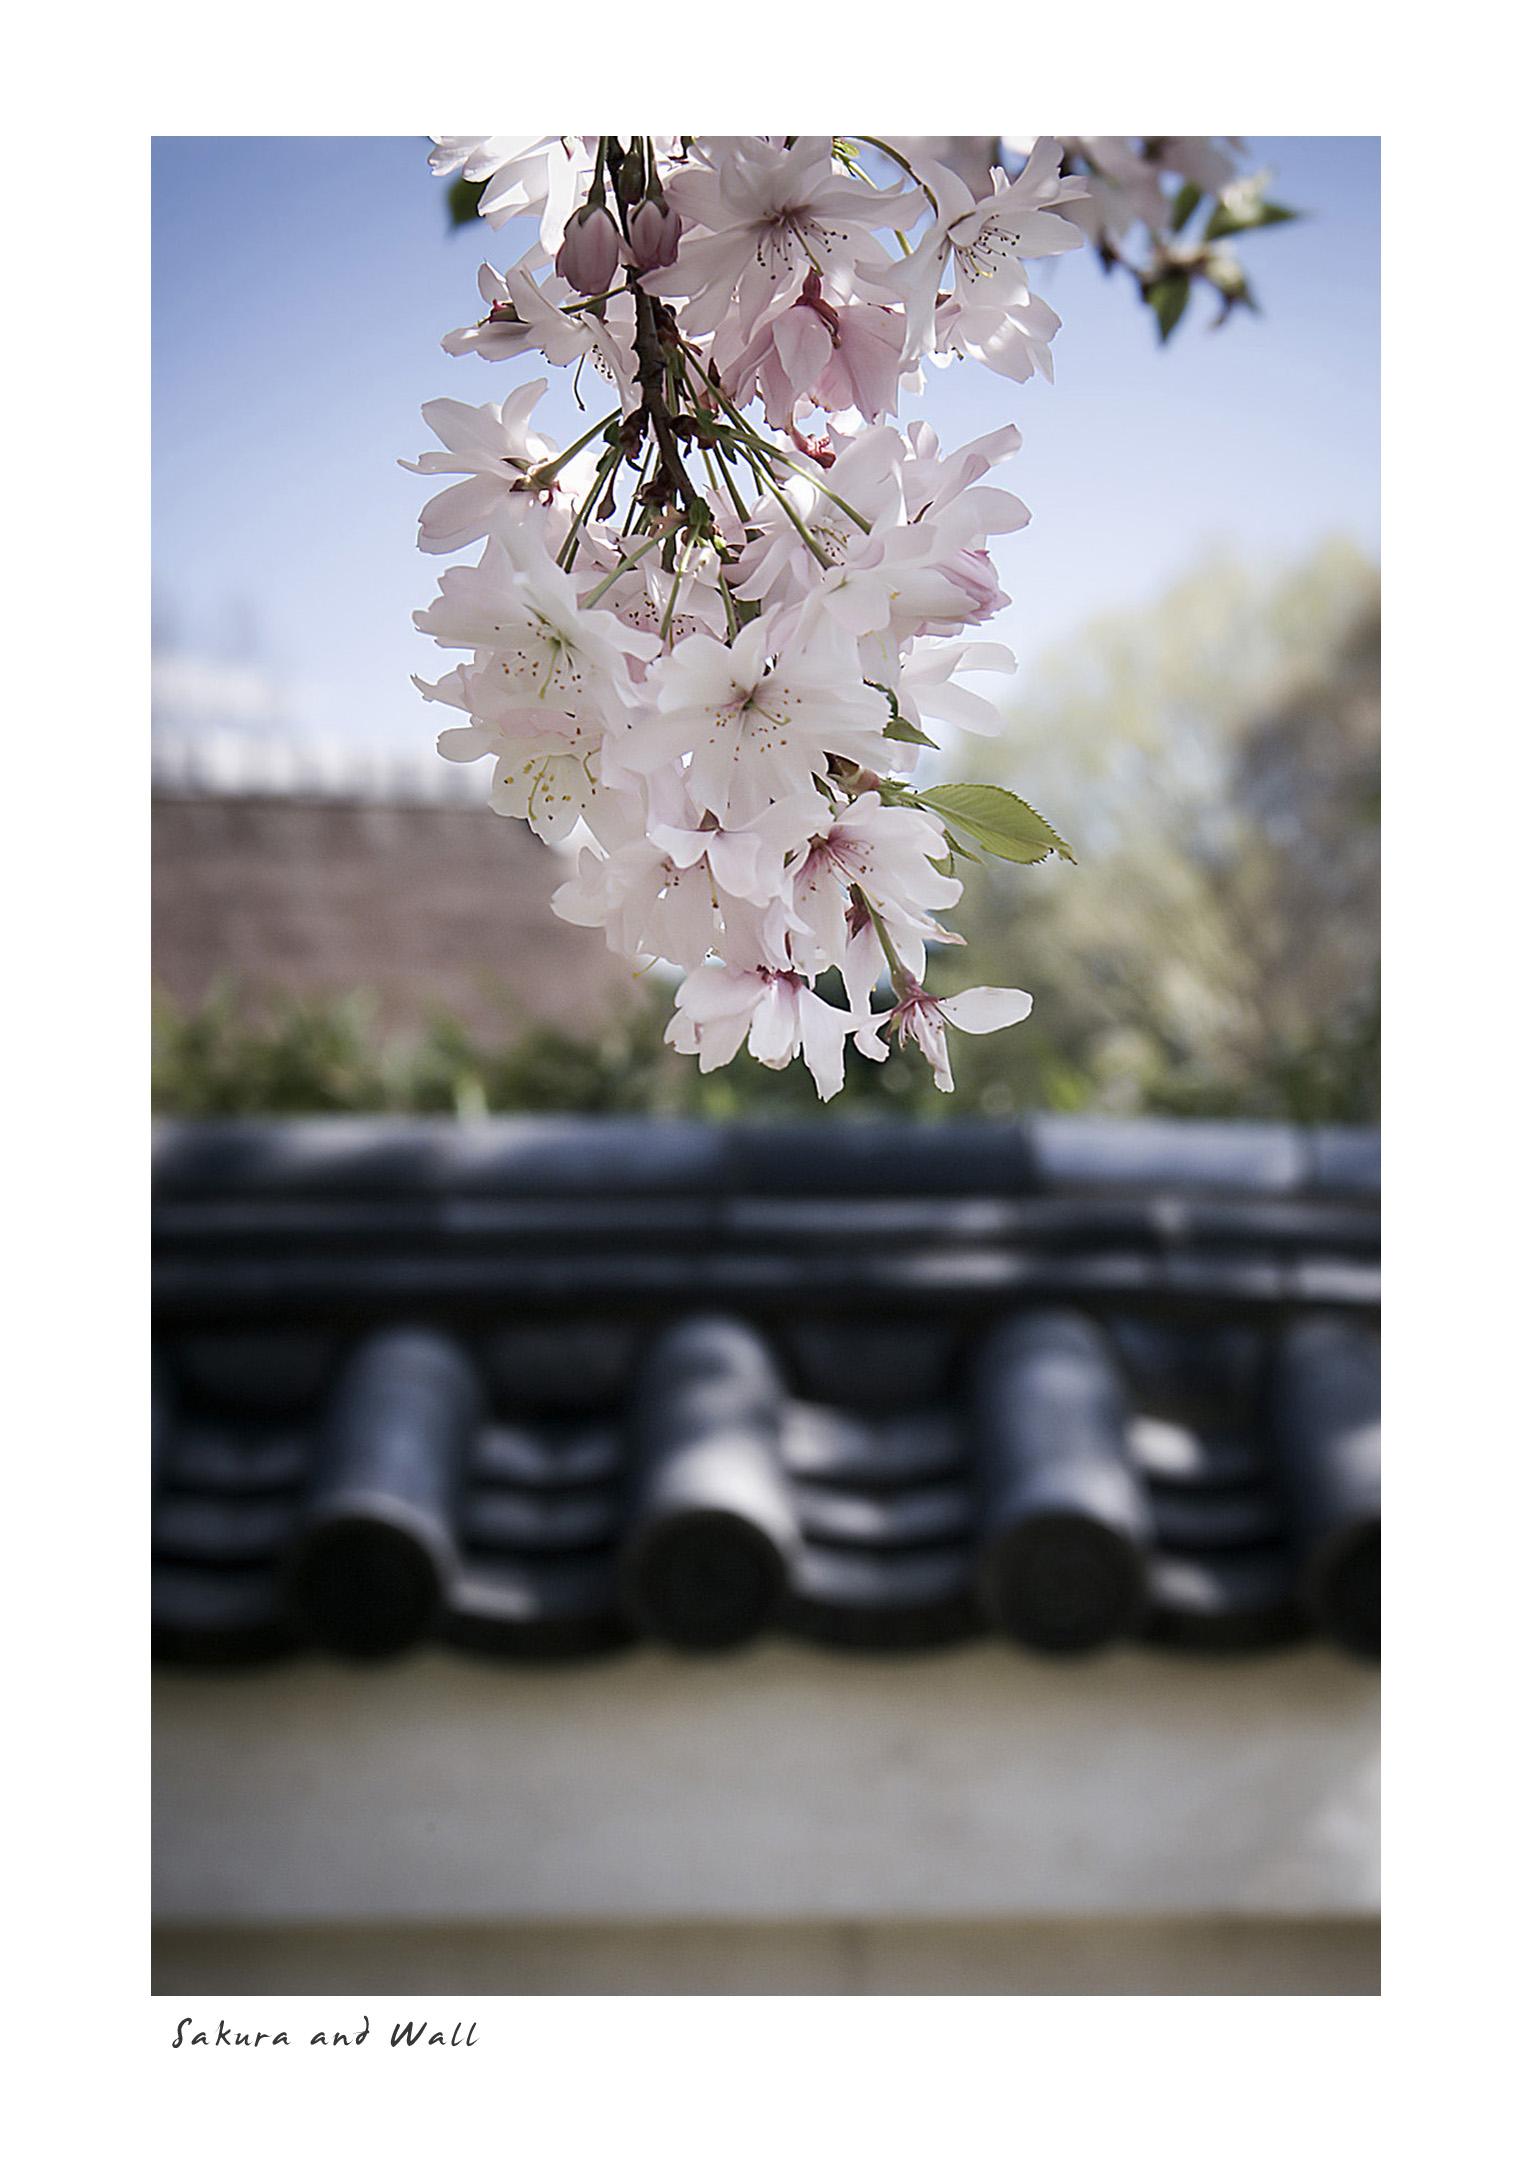 Sakura and Wall